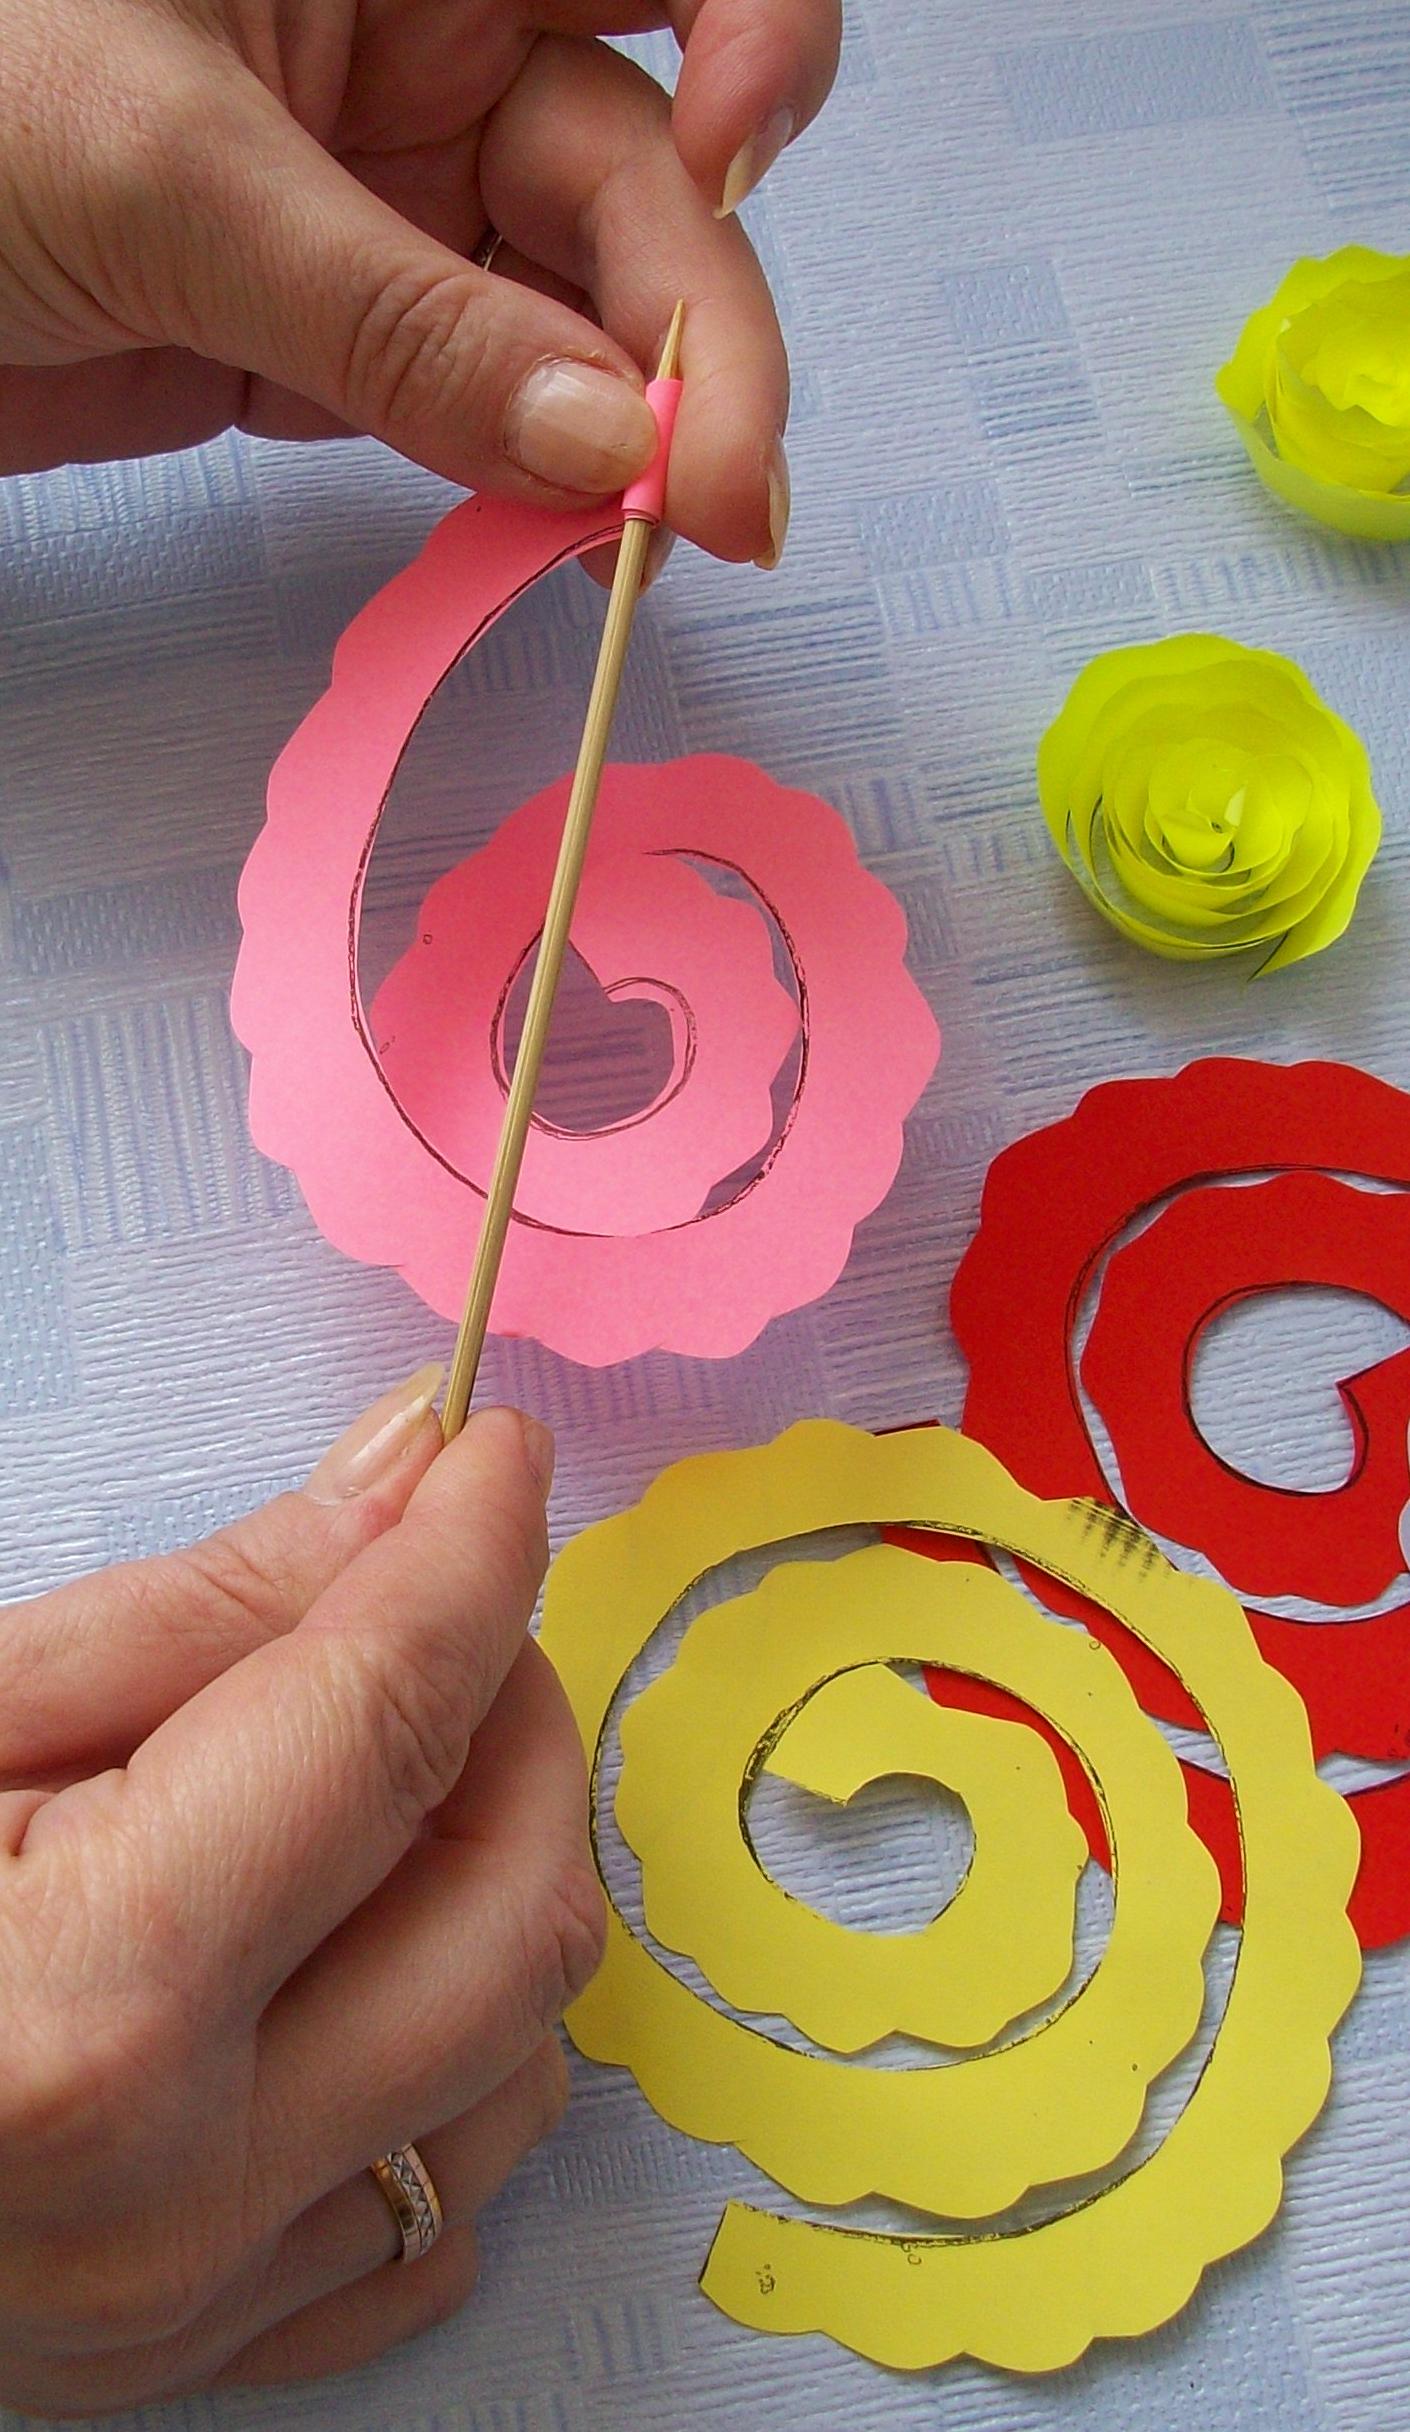 розочки из цветной бумаги с помощью зубочистки этих